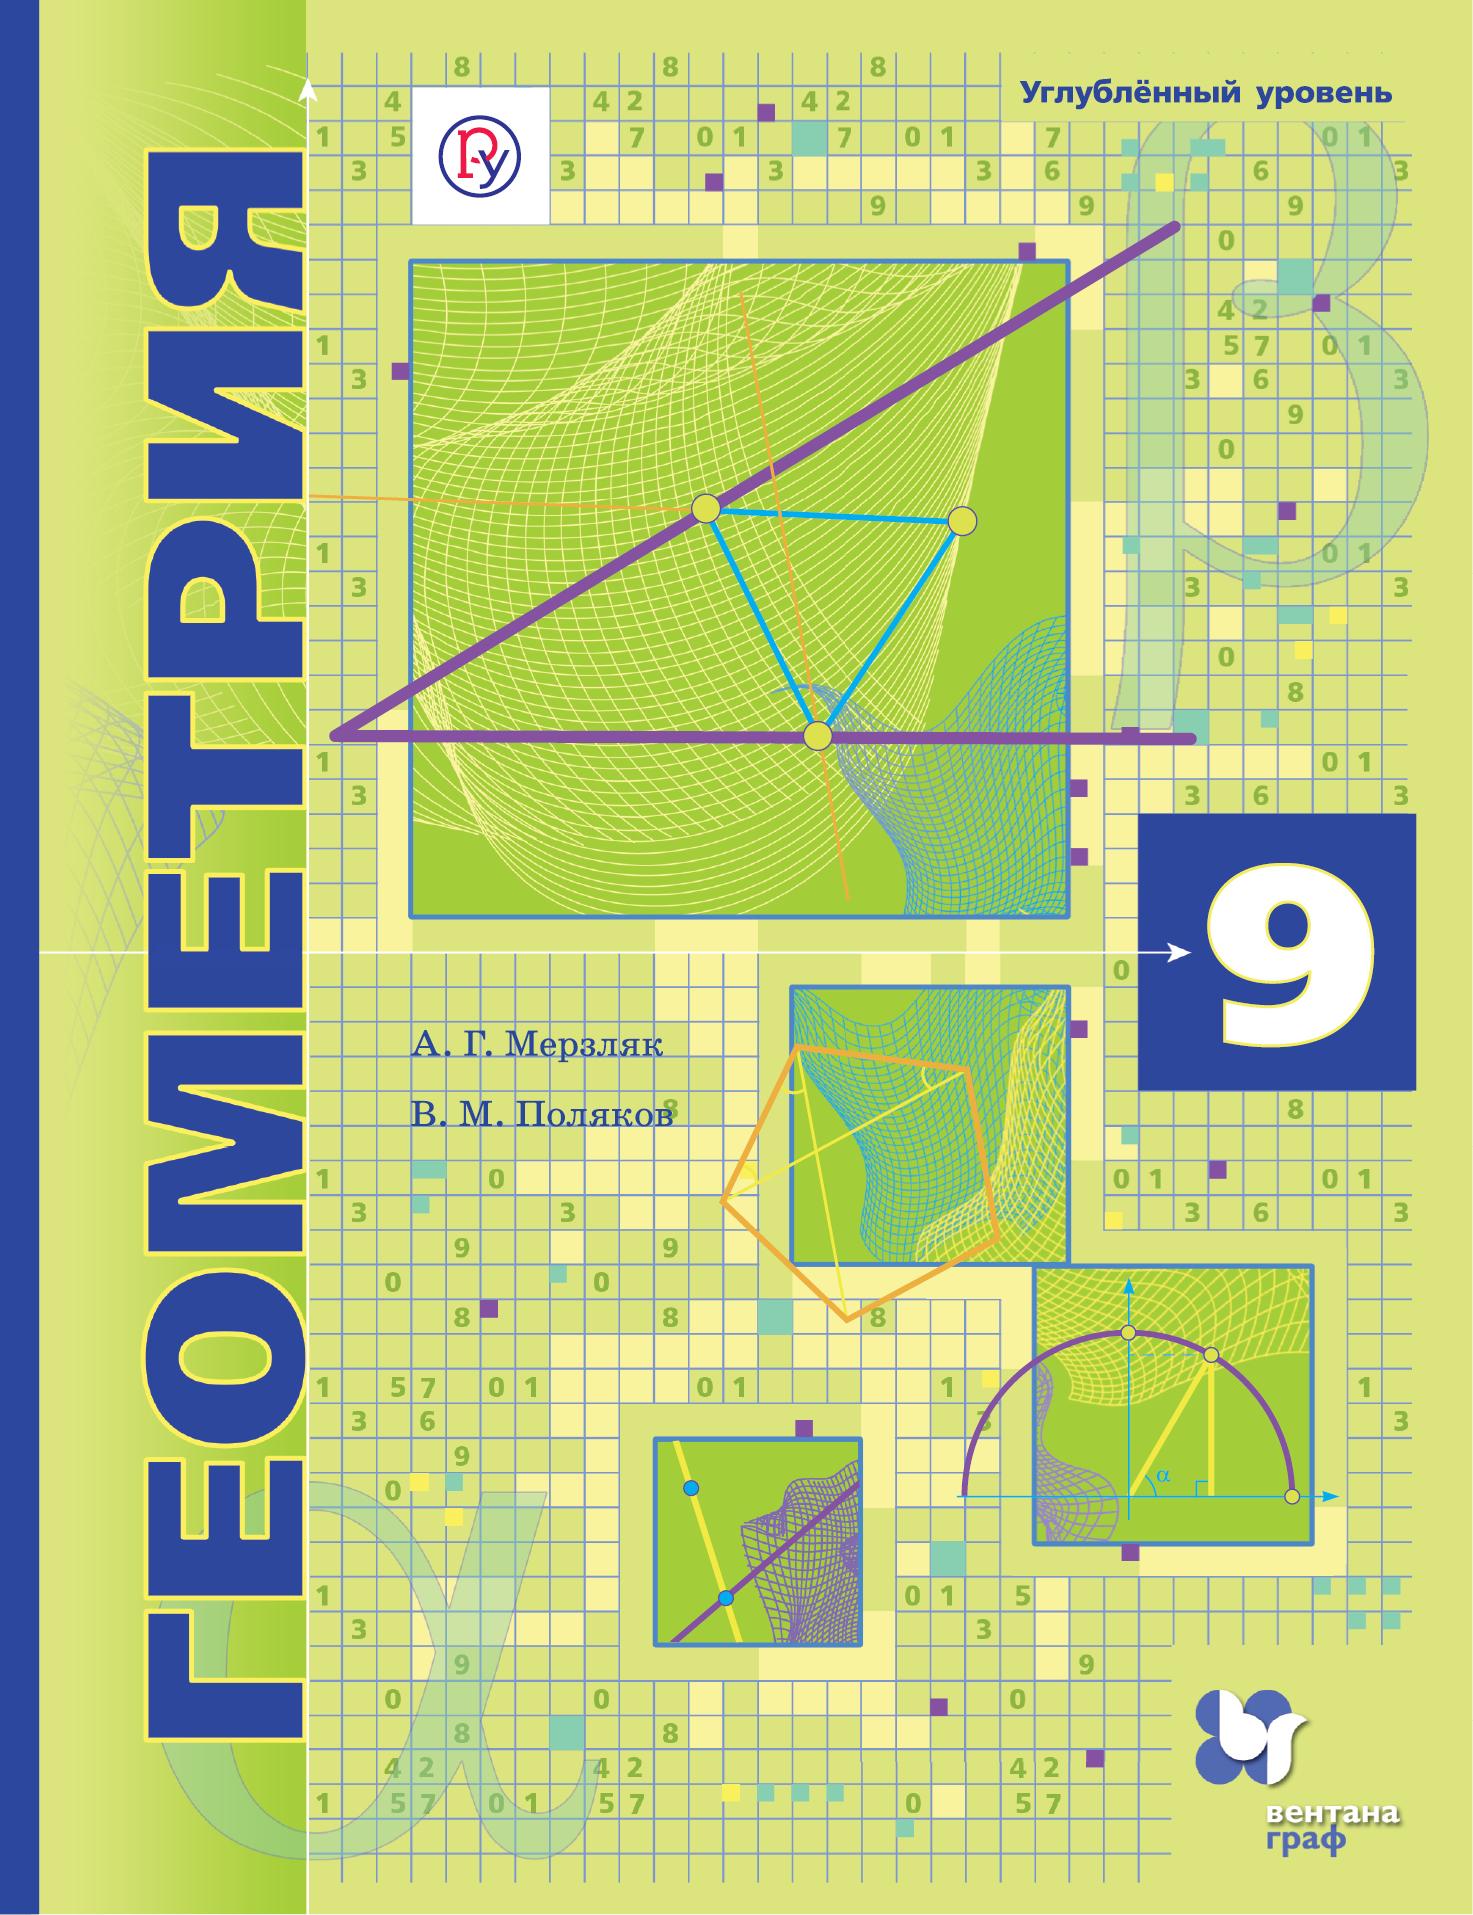 Мерзляк А.Г., Поляков В.М. Геометрия (углубленное изучение). 9 класс. Учебник поляков ю геометрия любви гипсовый трубач дубль два комплект из 5 книг